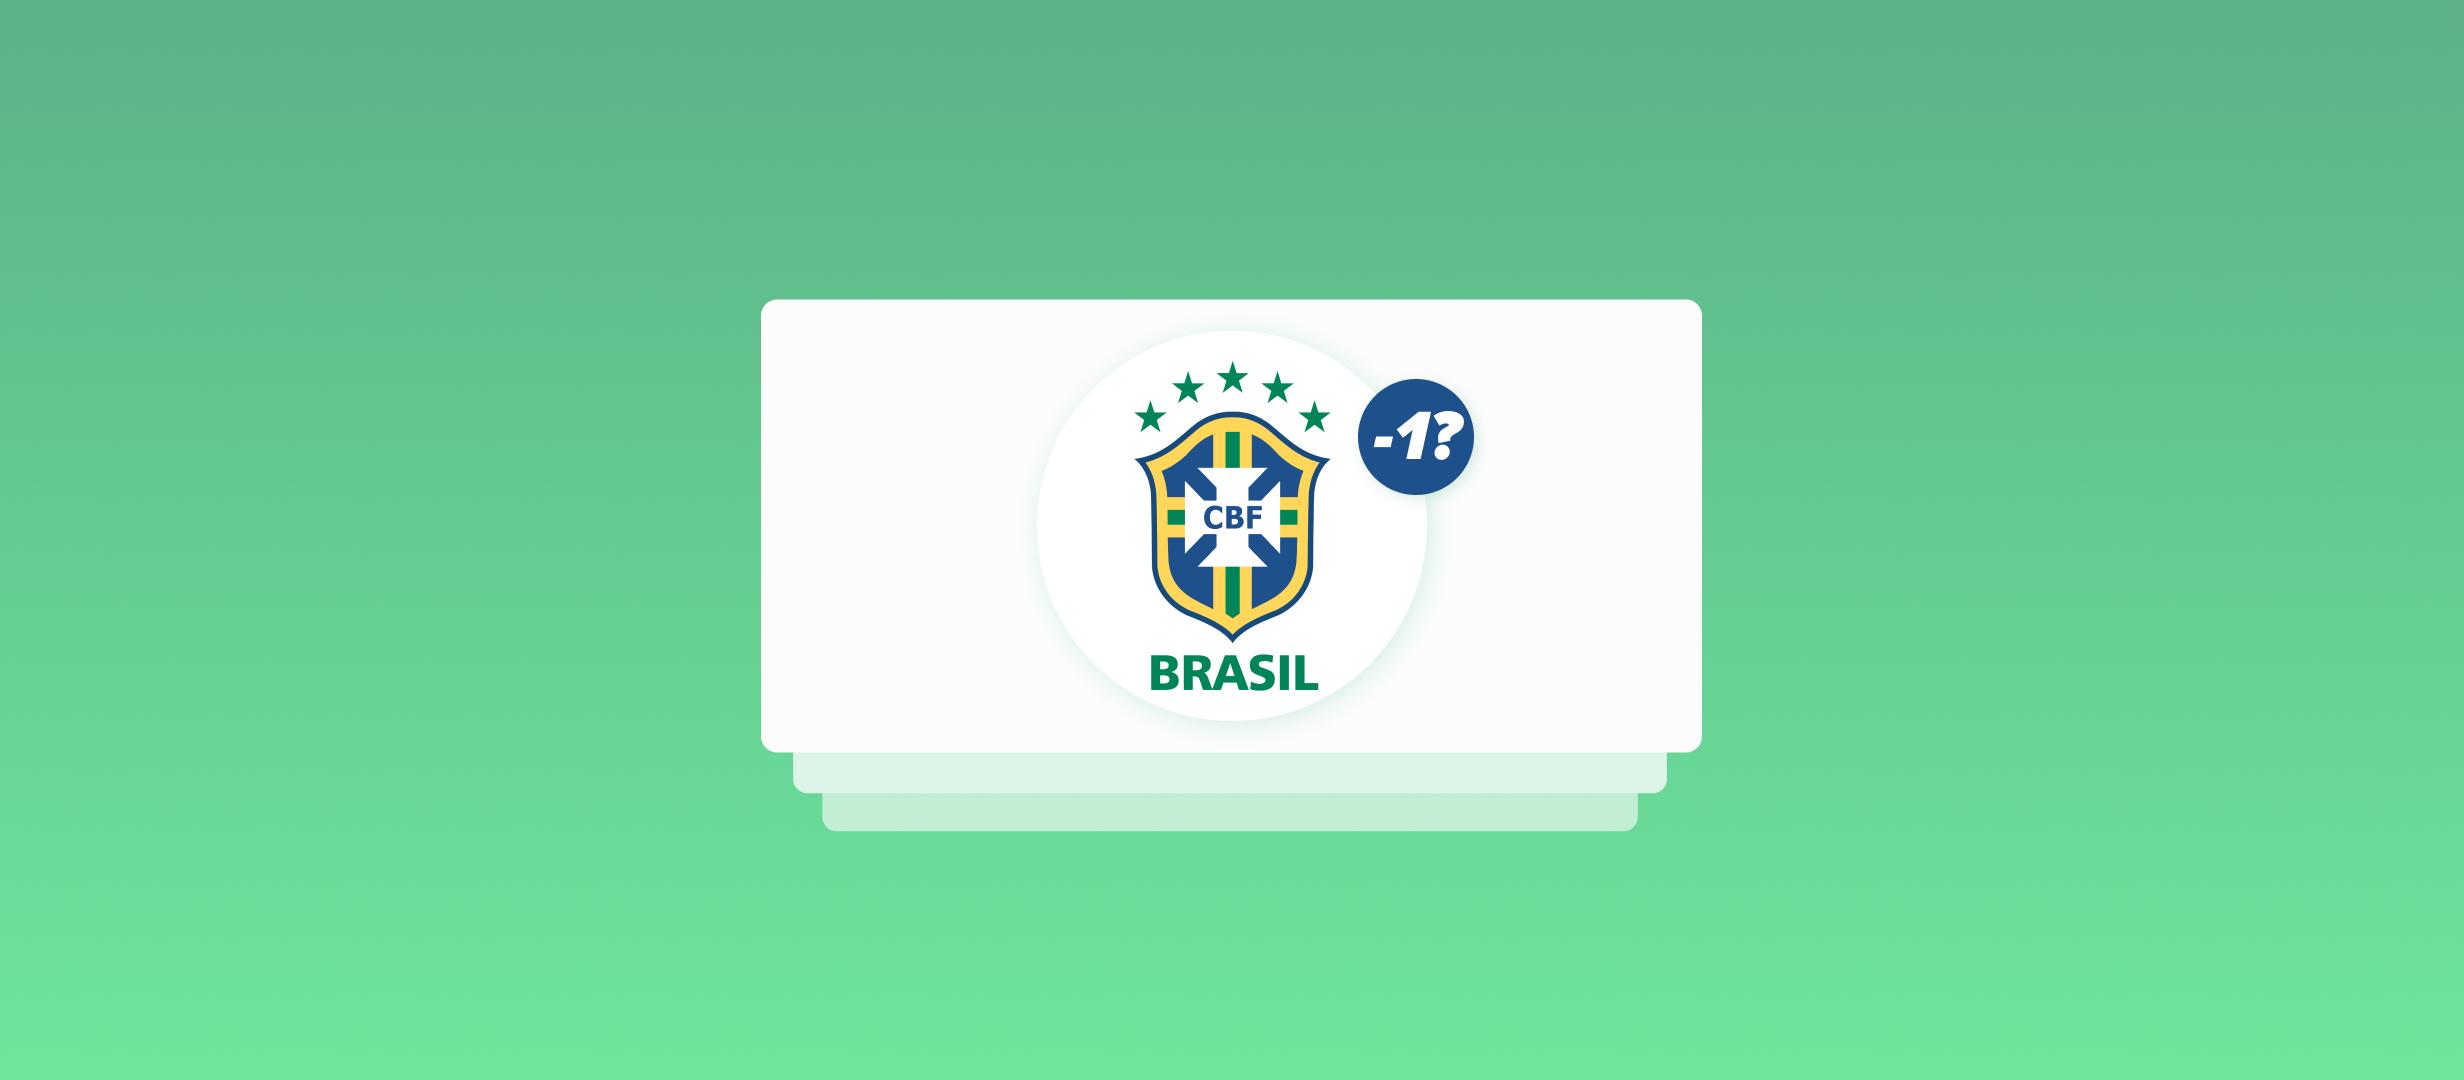 Шок! Неймар уходит из сборной после ЧМ-2022, Бразилия остаётся фаворитом мундиаля